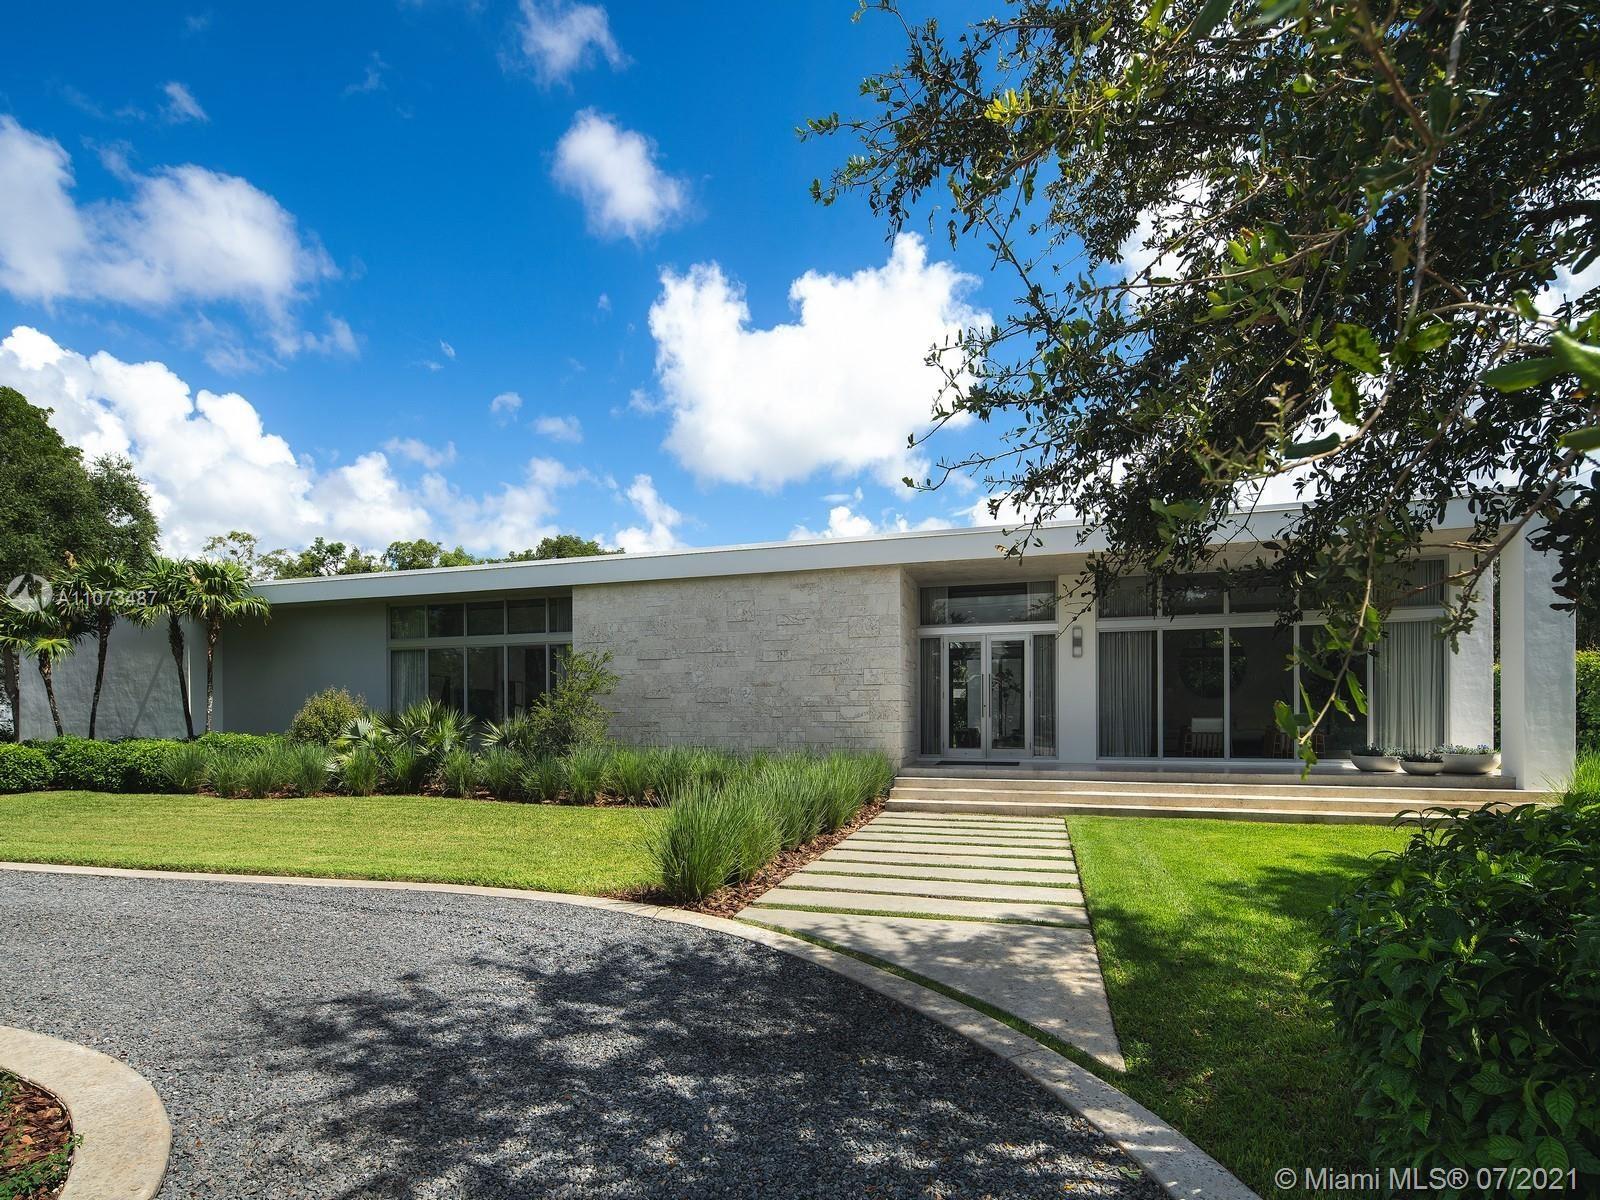 9301 SW 120th St, Miami, FL 33176 - #: A11073487